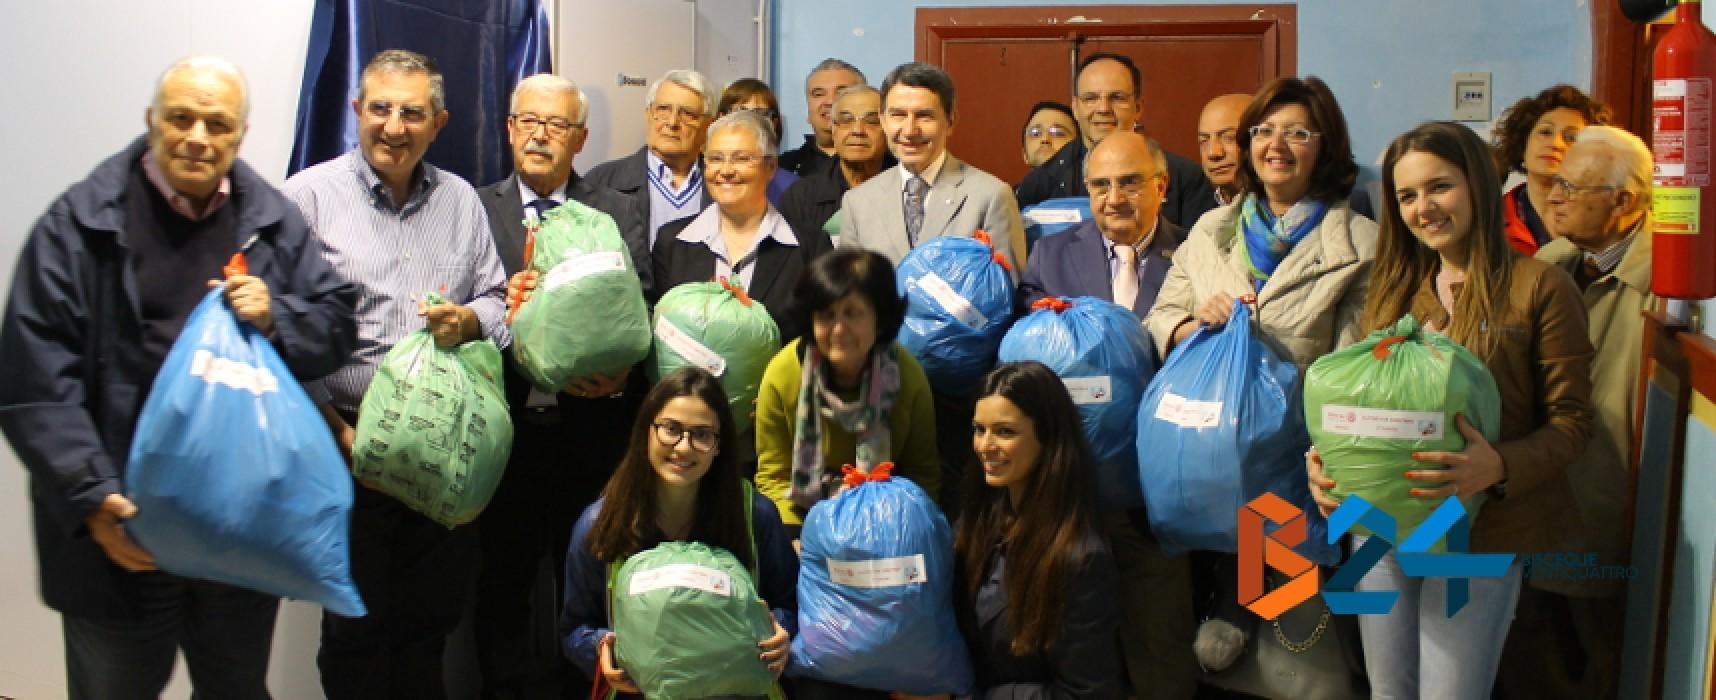 Rotary Club, consegnata la nuova cella frigorifera alla Caritas biscegliese / FOTO